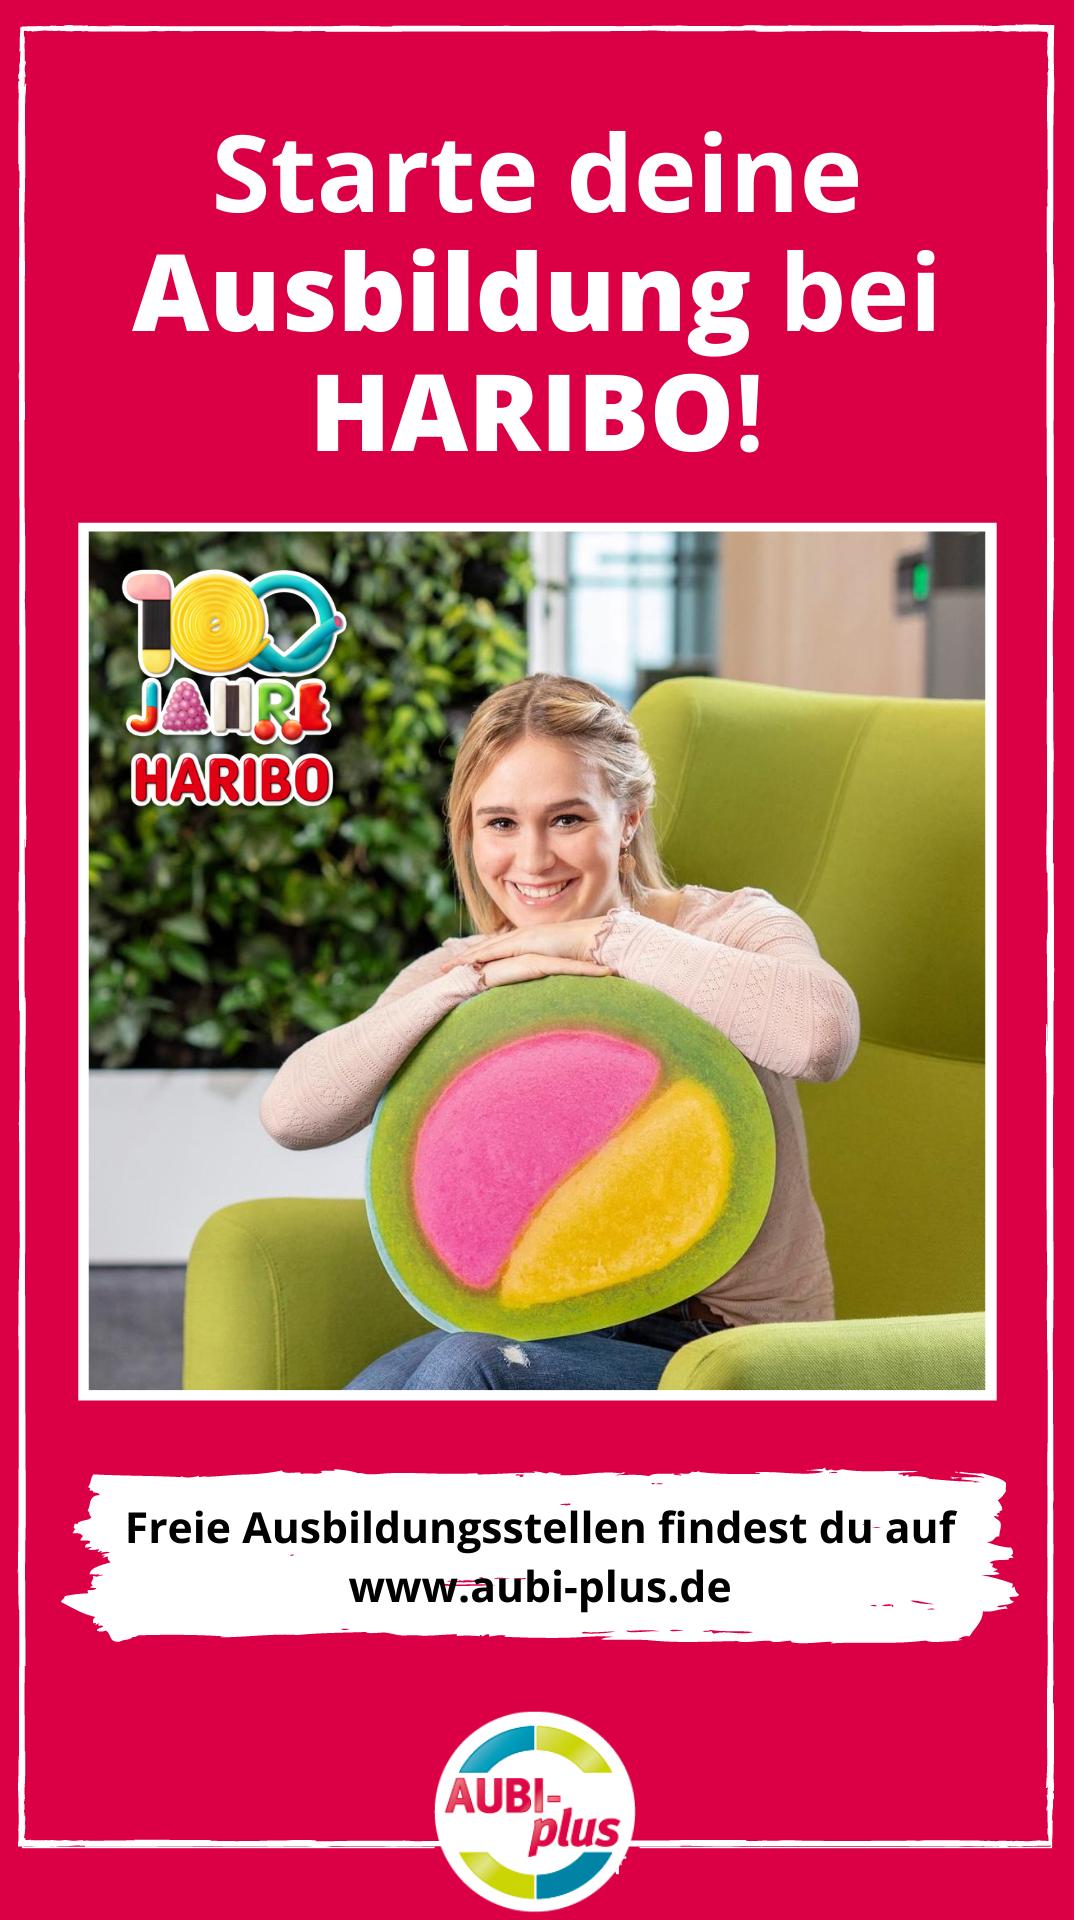 Freie Ausbildungsstellen 2021 Bei Haribo Ausbildung Ausbildungsplatze Tipps Und Tricks